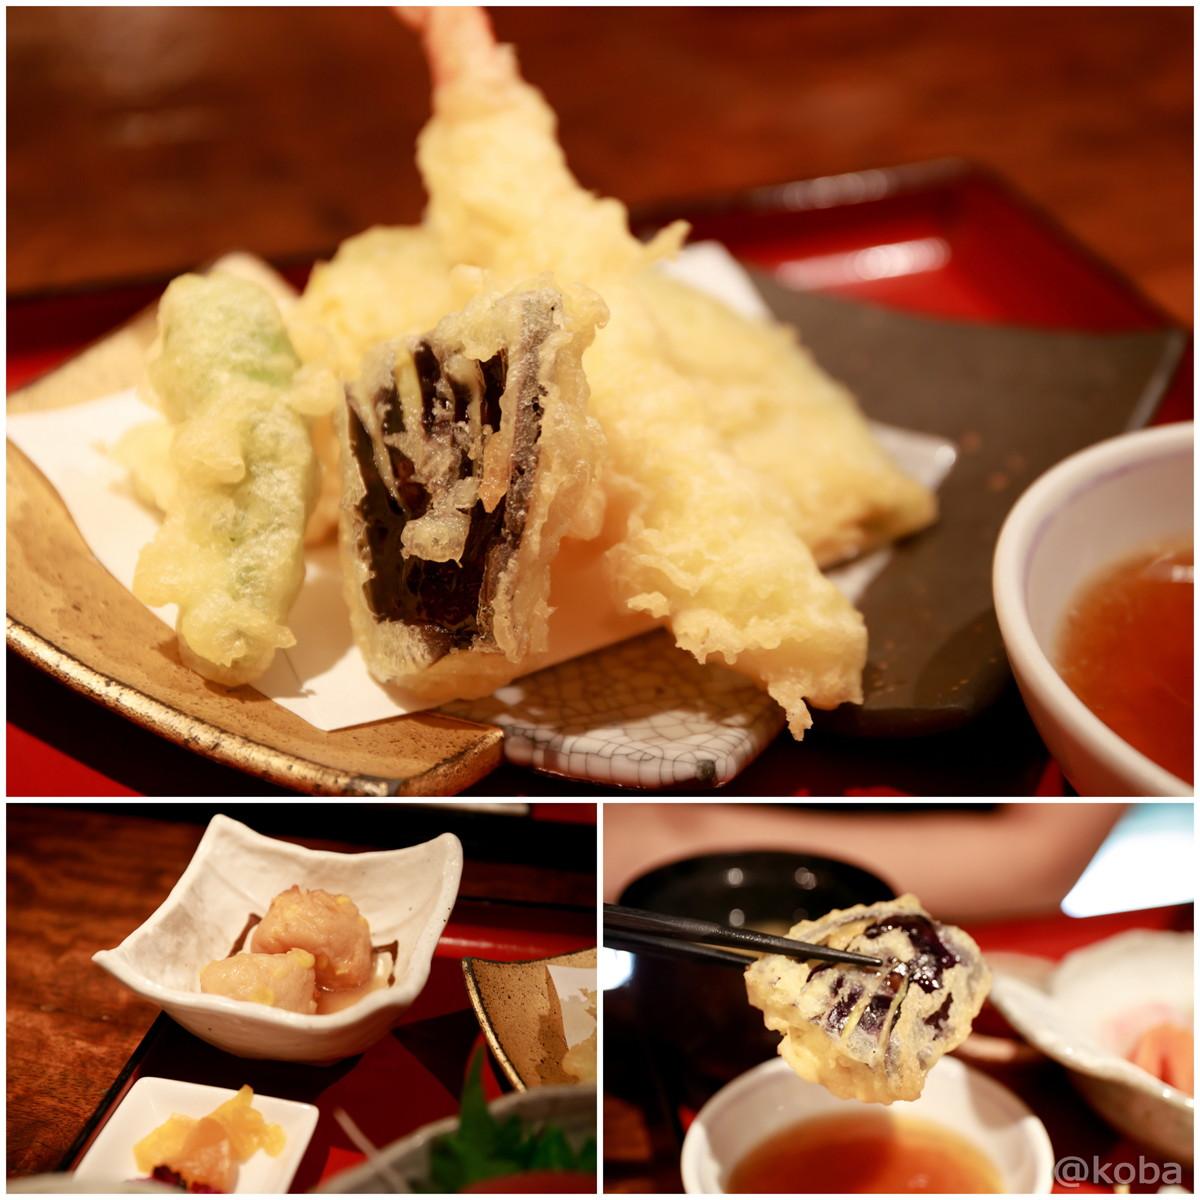 天ぷら(海老・シシトウ・茄子・かぼちゃ・アナゴ)美味い!│福島(ふくしま)│和食ランチ│魚料理│東京オシャレなお店│新小岩ブログ